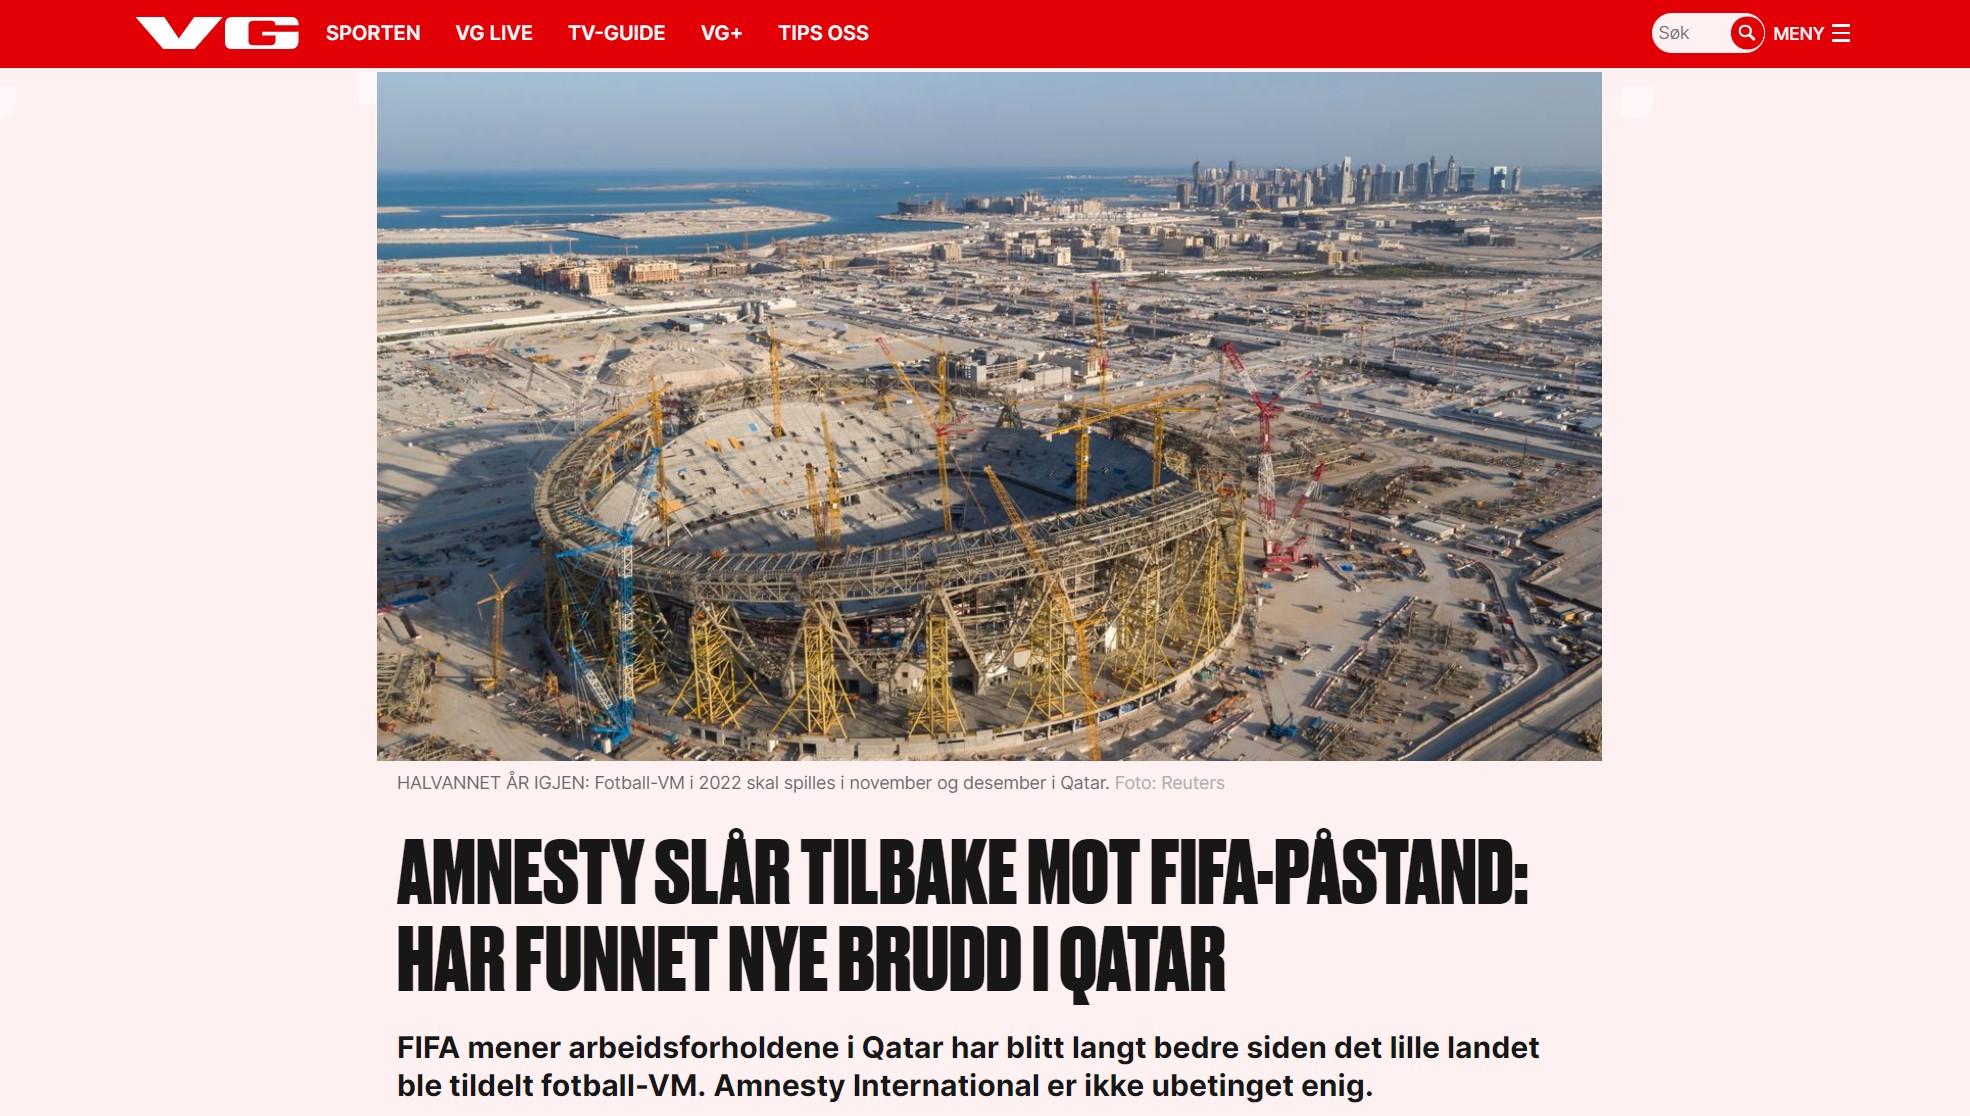 VG -Amnesty slår tilbake mot FIFA-påstand